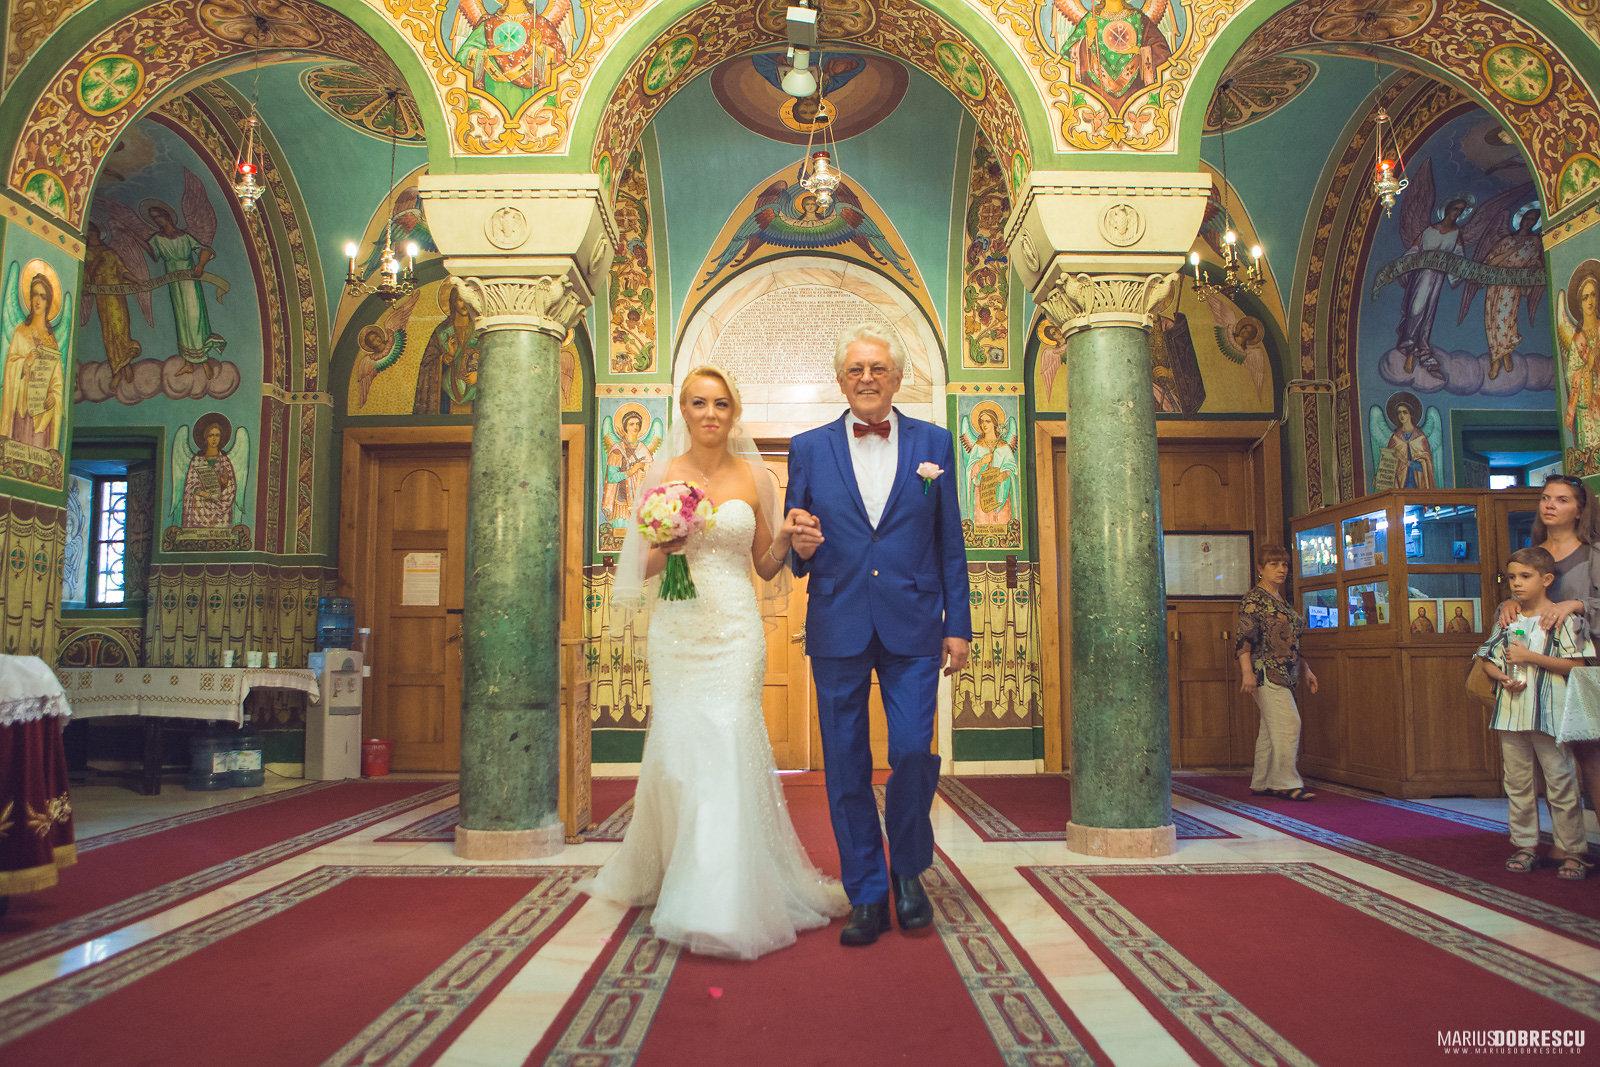 Ingrid & Cristian - Nunta in Herastrau, Bucresti | Marius Dobrescu - Fotograf Nunta